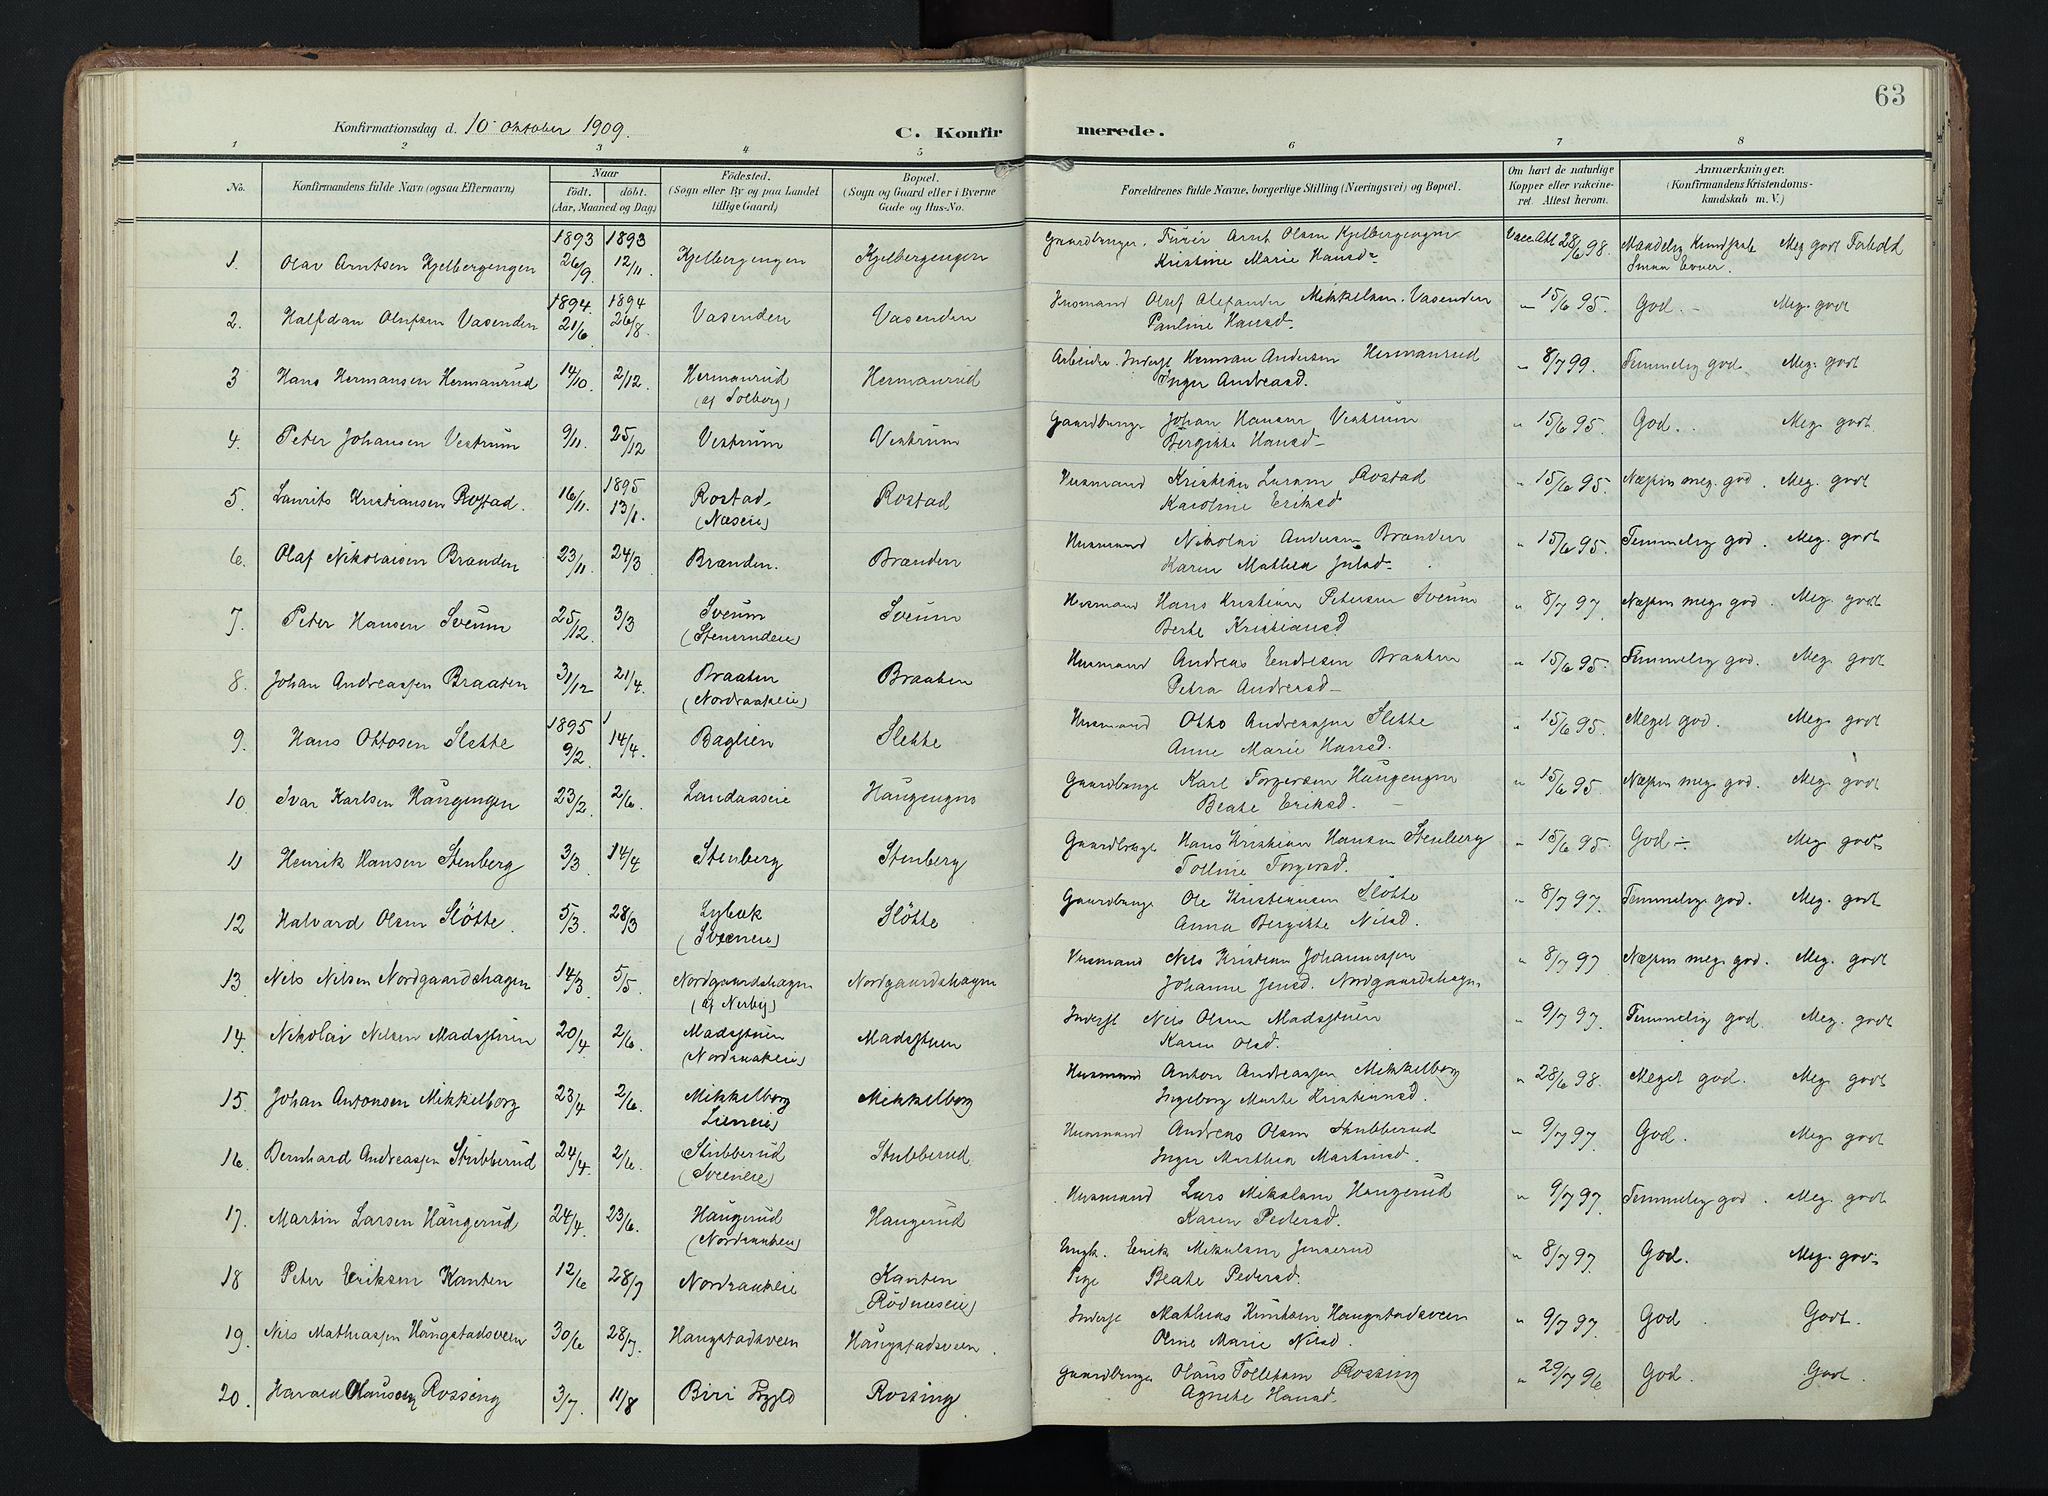 SAH, Søndre Land prestekontor, K/L0005: Ministerialbok nr. 5, 1905-1914, s. 63